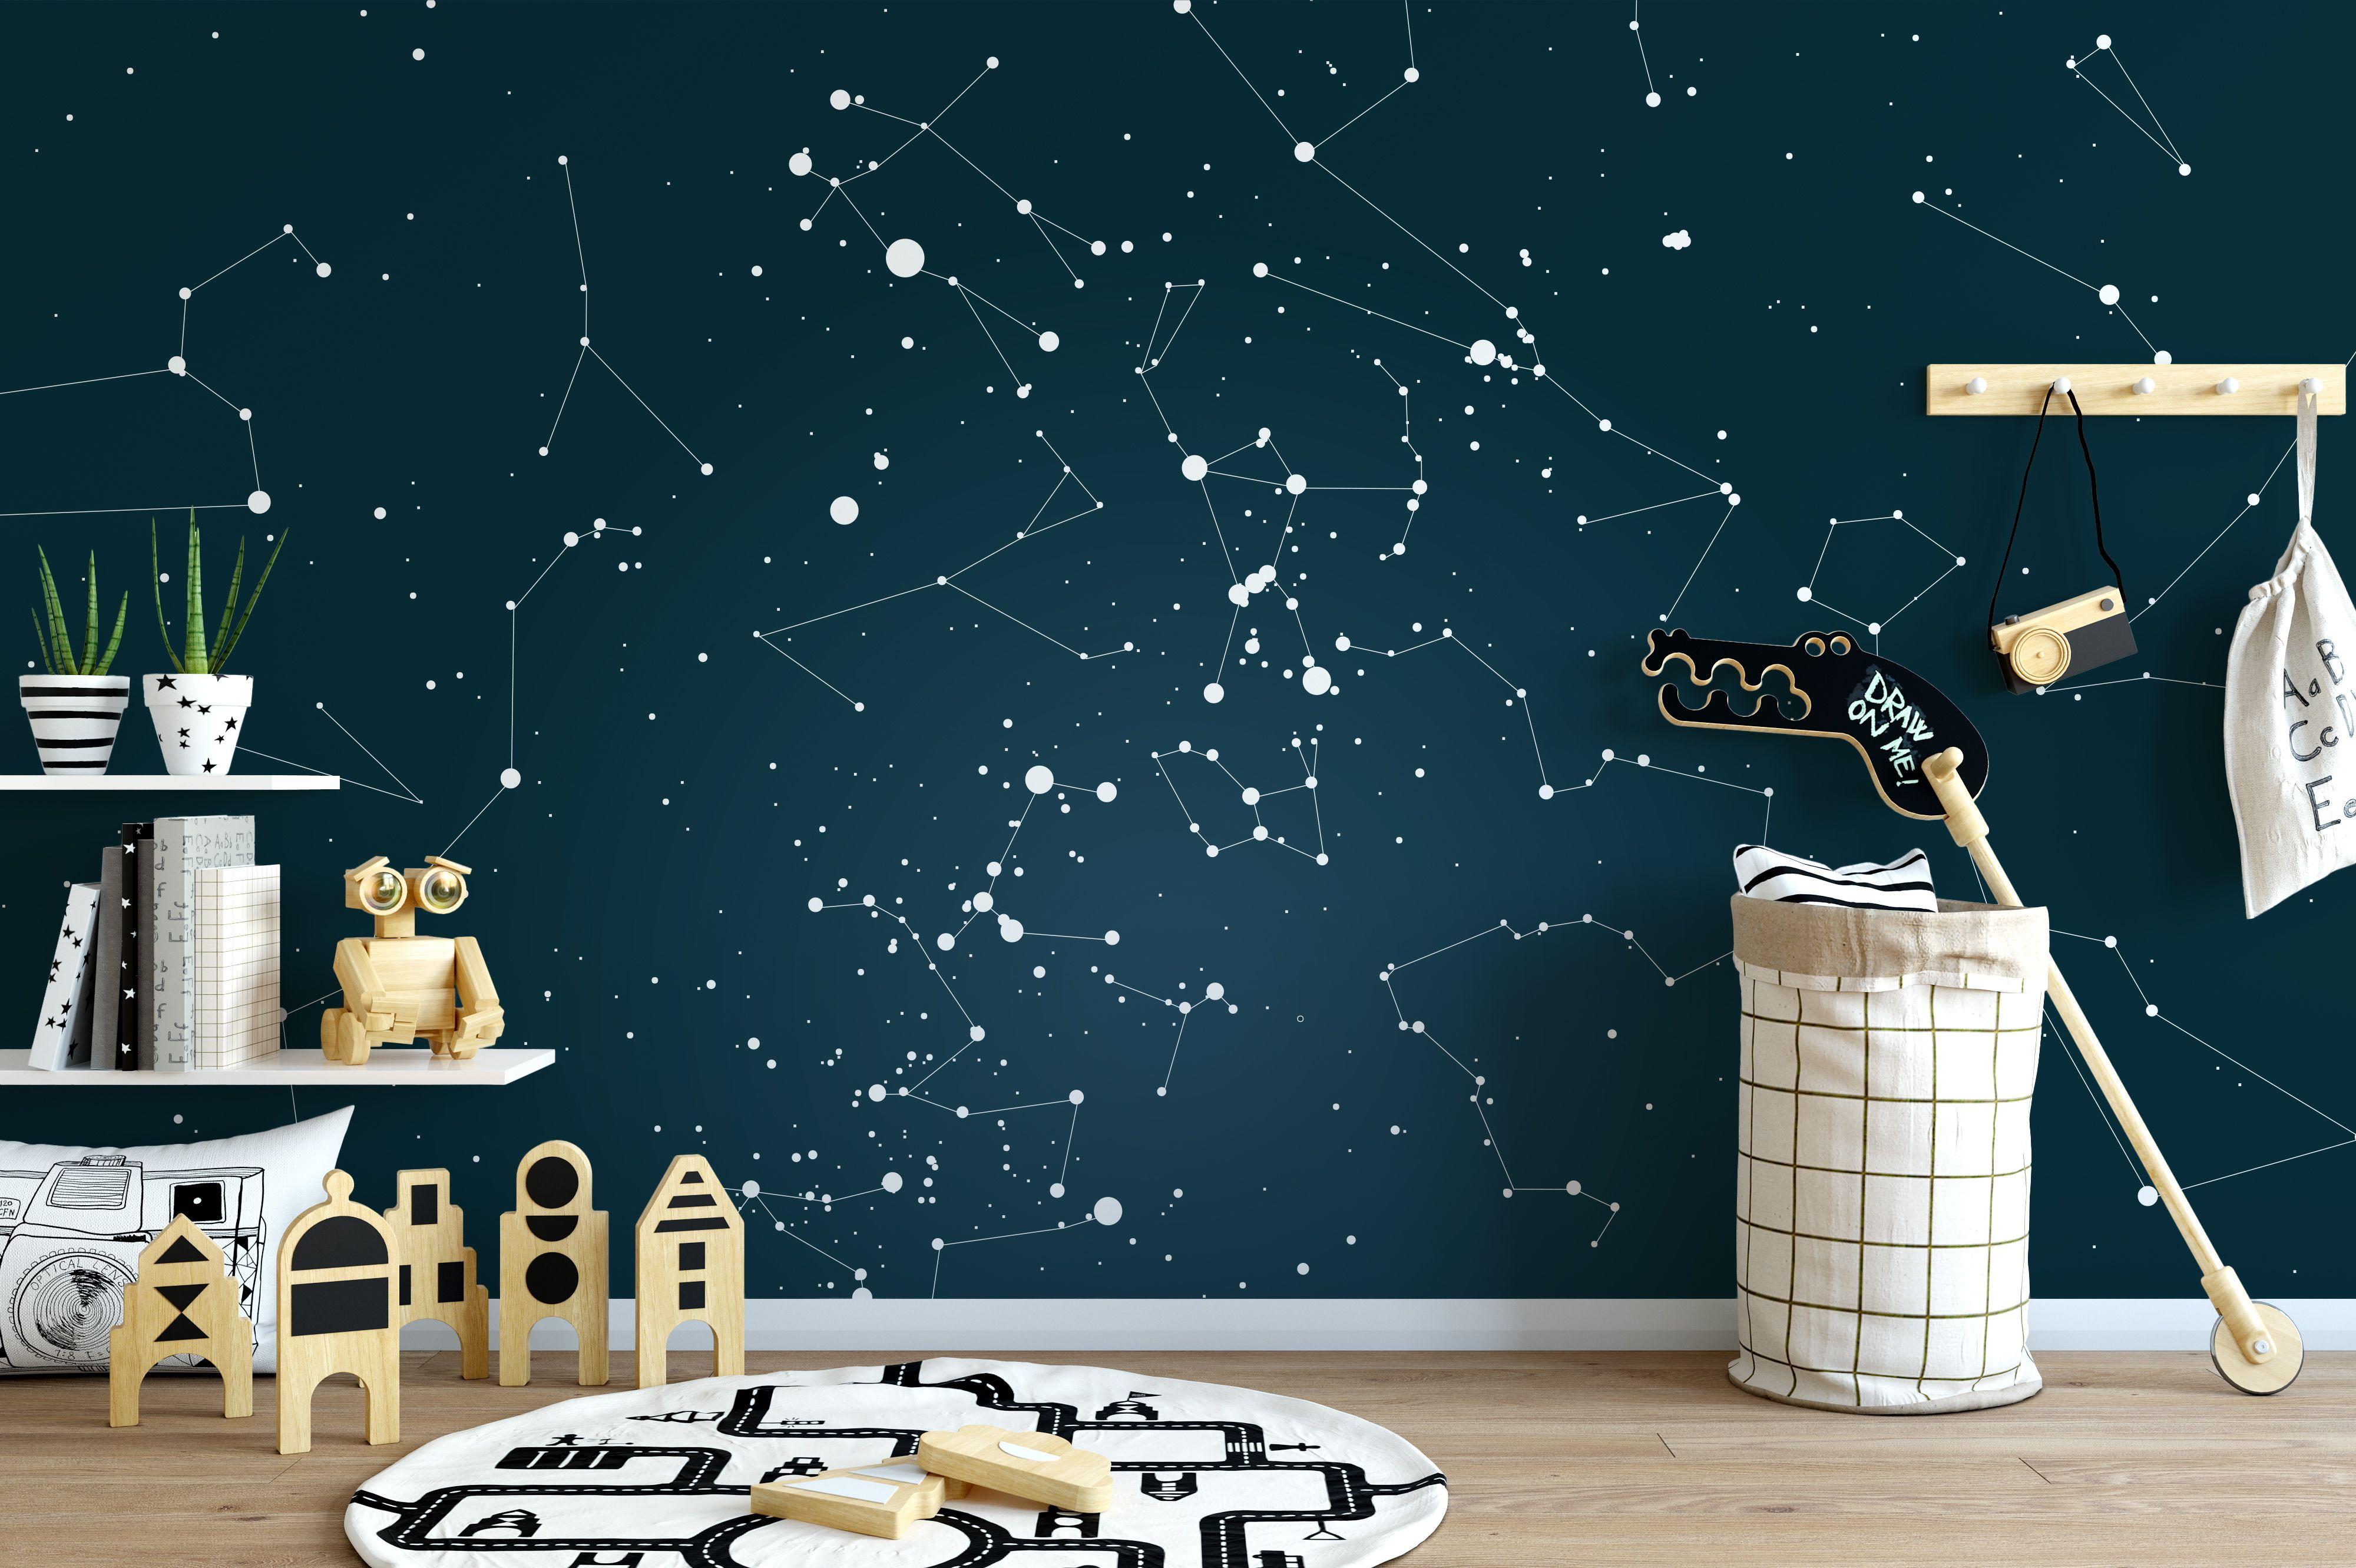 Custom Star Map Constellation Mural Wallpaper Star Map Bedroom Decor Wall Art By Strell Wallpaper Bedroom Kids Room Wall Art Wallpaper Bedroom Feature Wall